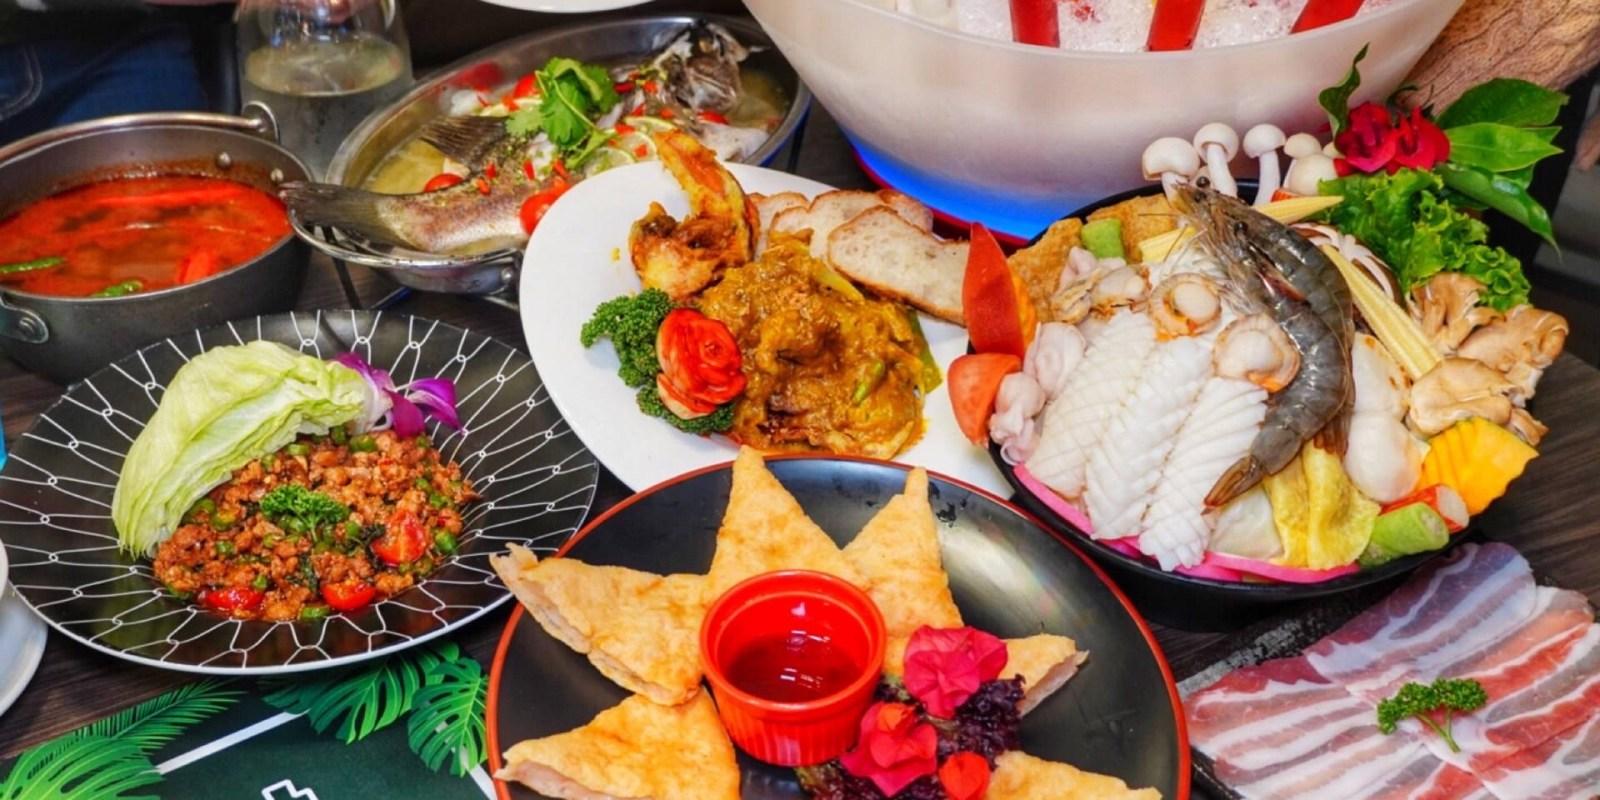 【台南美食】超過70種平價泰式料理 當月壽星送試管酒打卡再打八折!台南聚餐好選擇 凸凹泰式餐廳